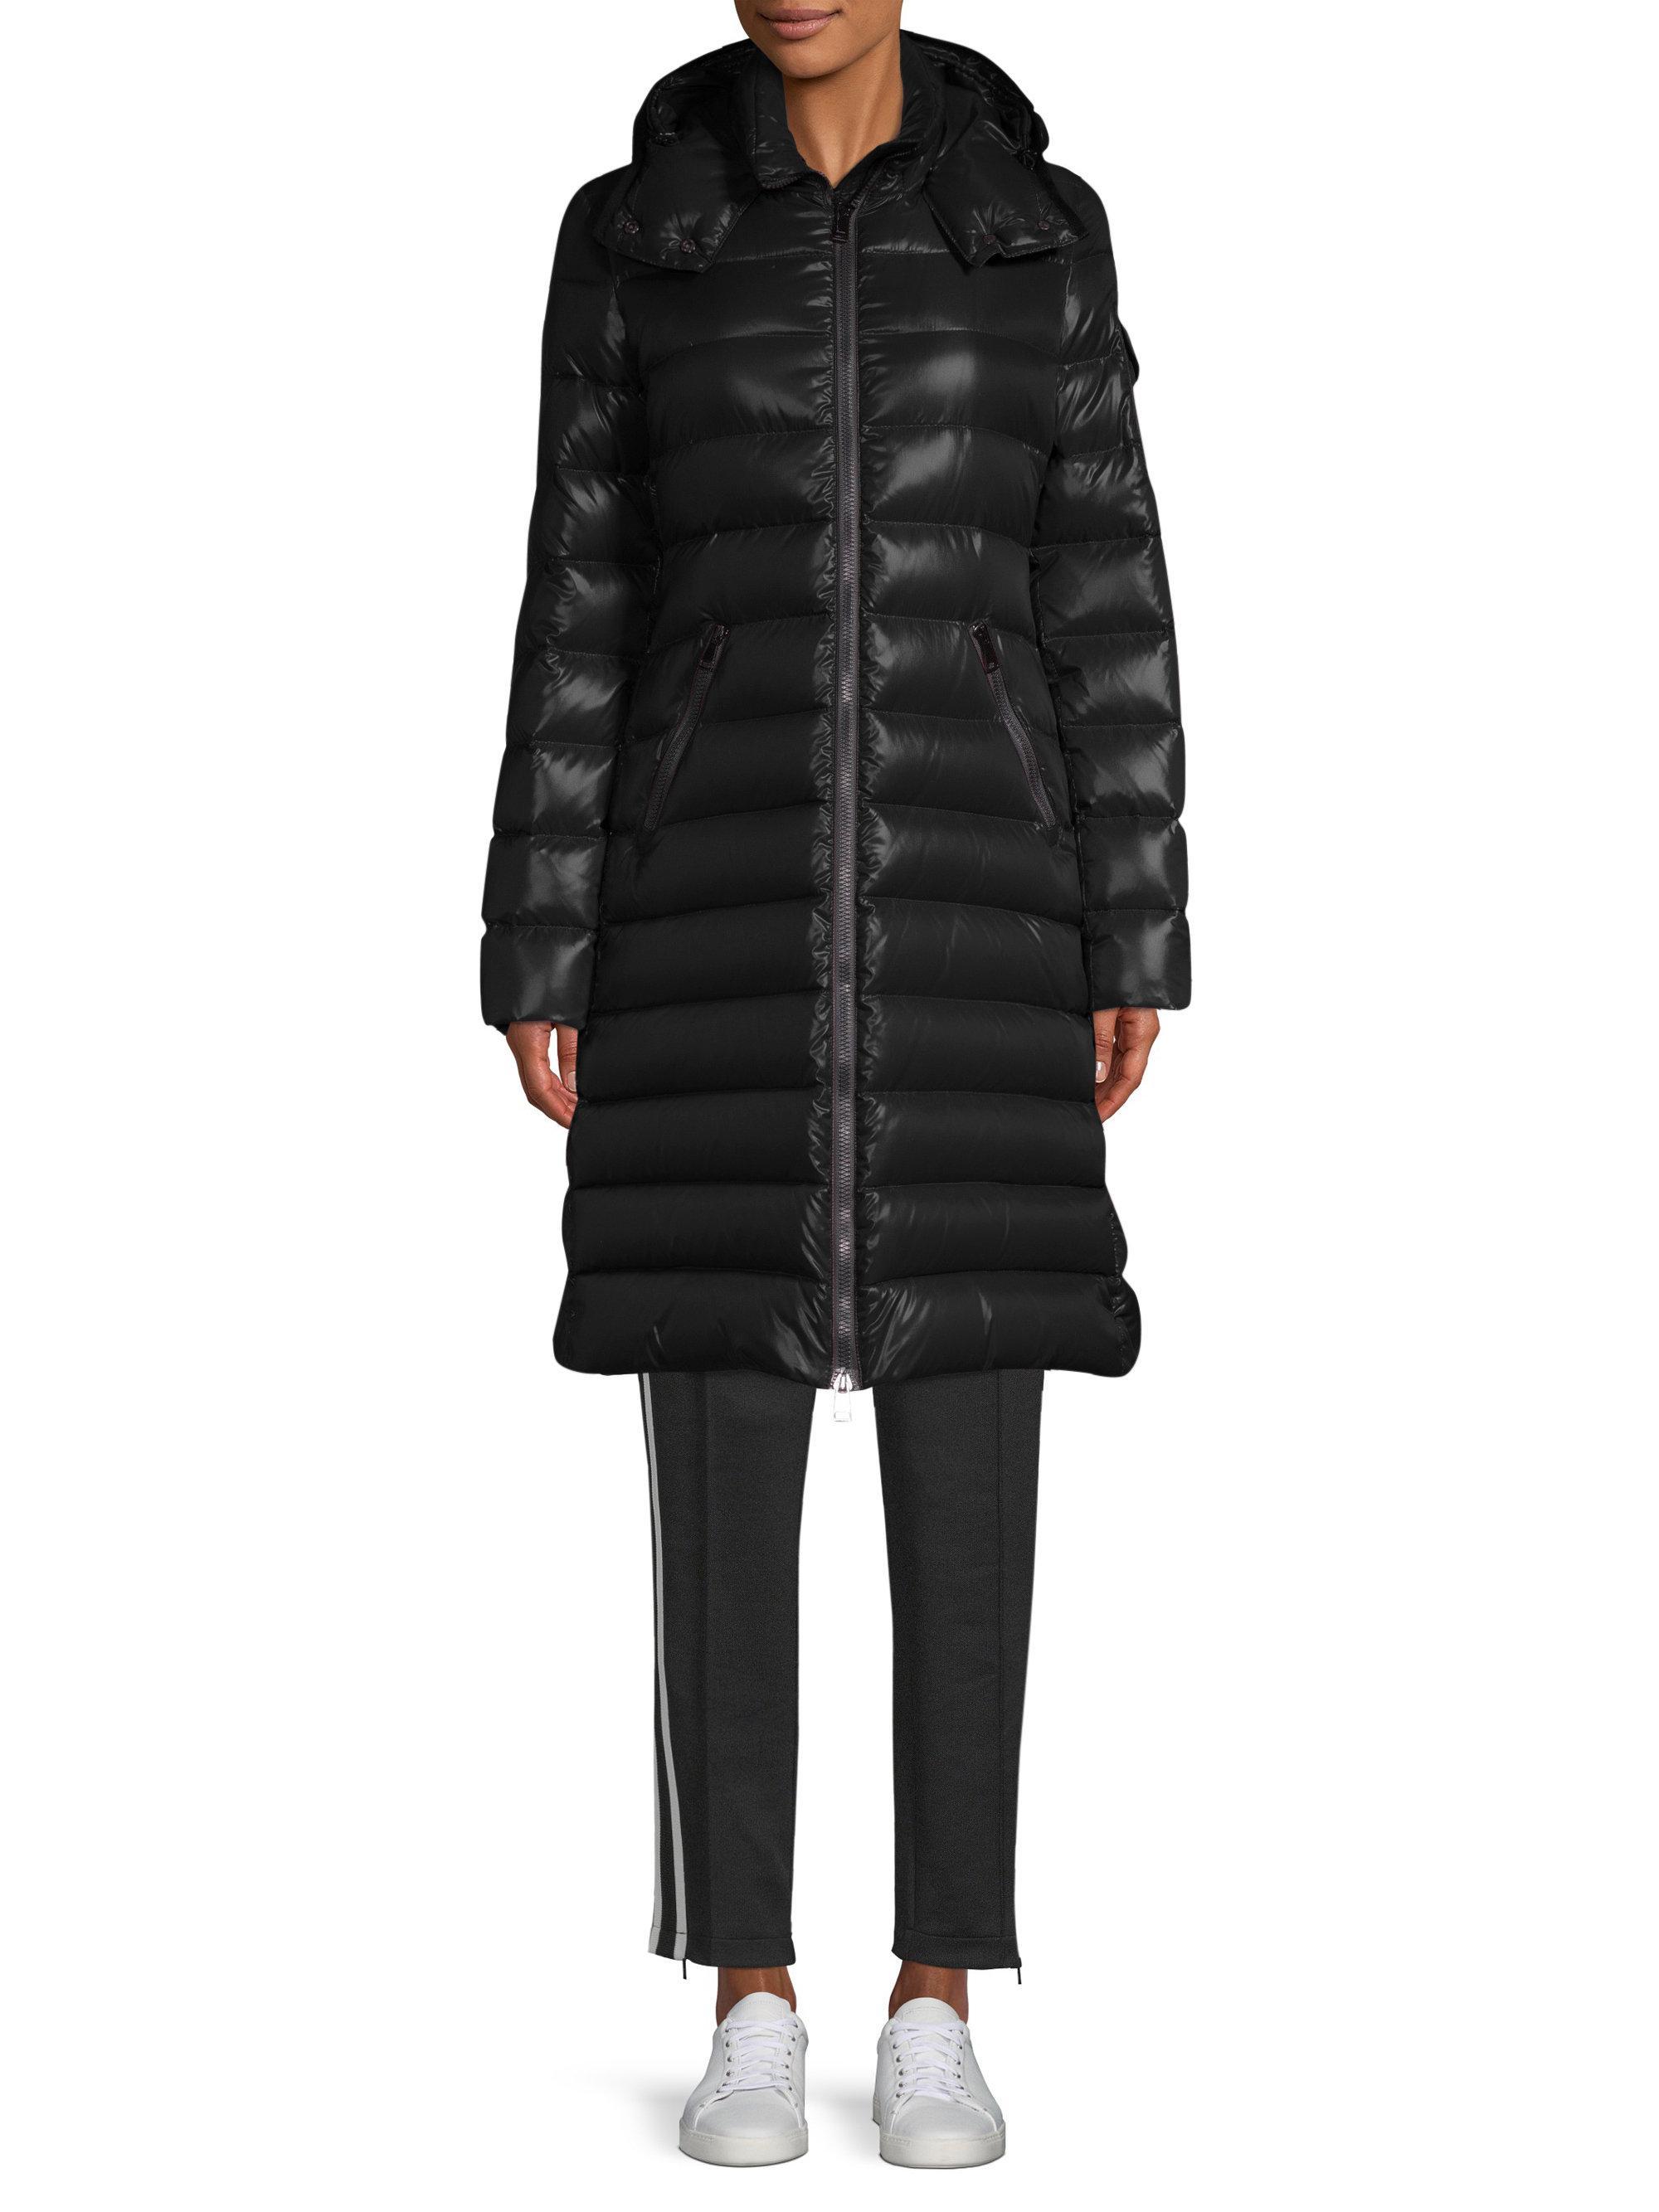 54900d210 Moncler Black Moka Lacquer Hooded Jacket